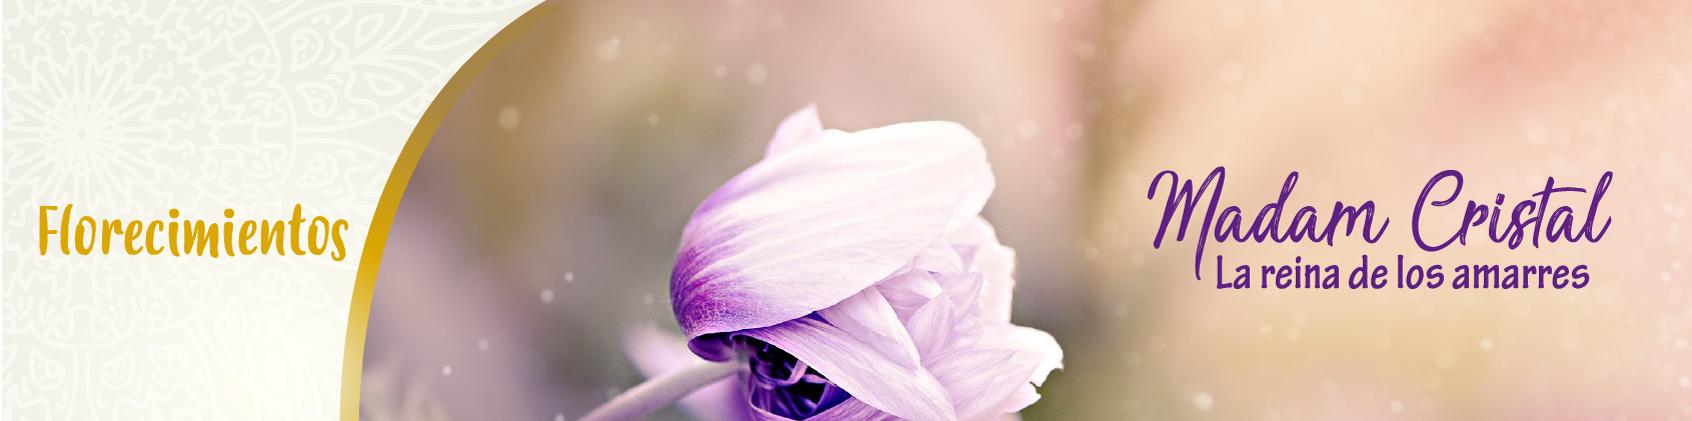 Florecimientos Madam cristal